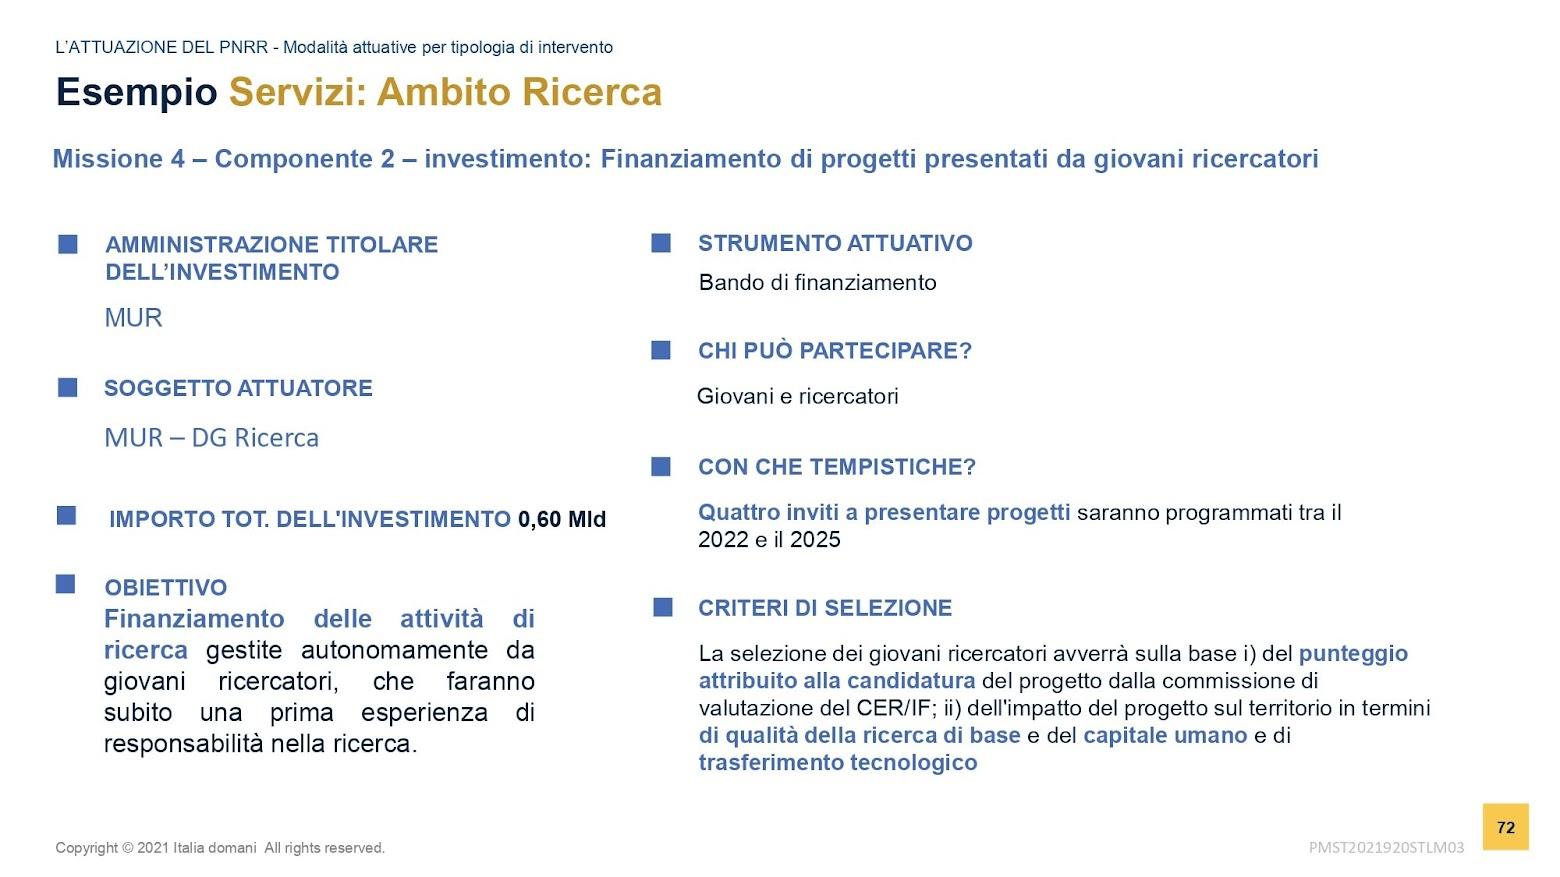 Finanziamenti ricerca - slide MEF